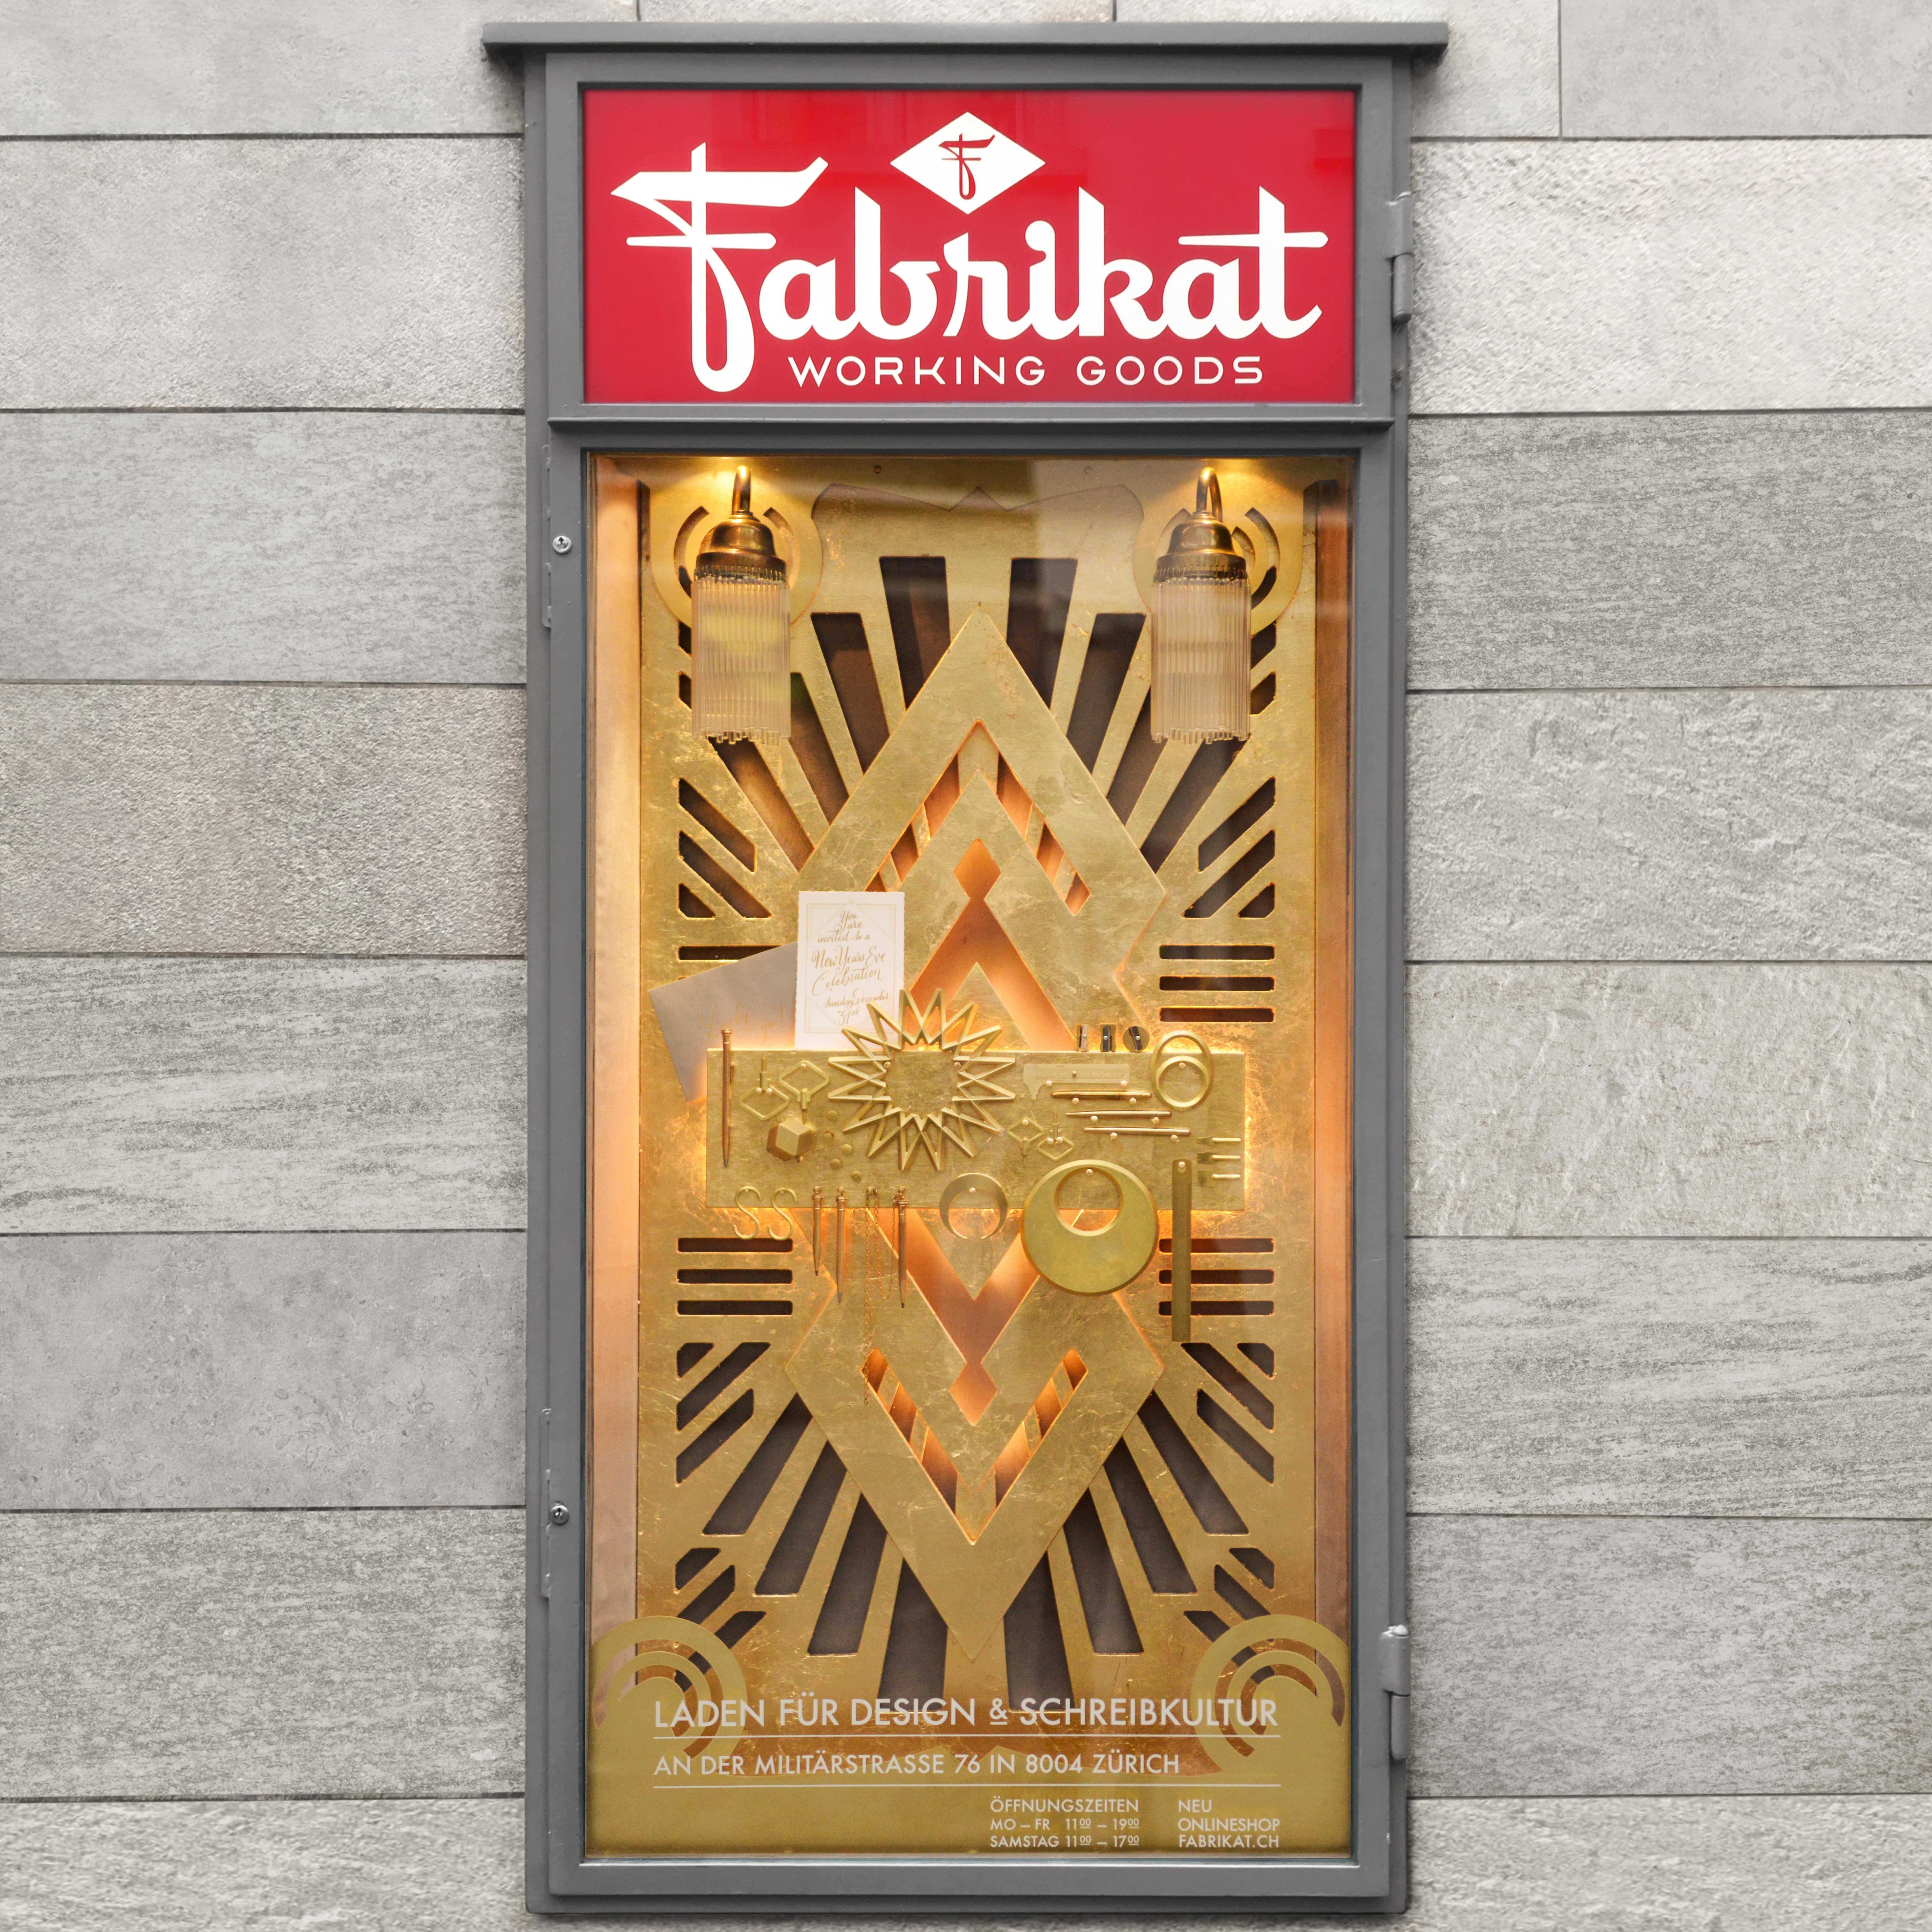 h&p_Fabrikat_Schaukasten_Art Deco